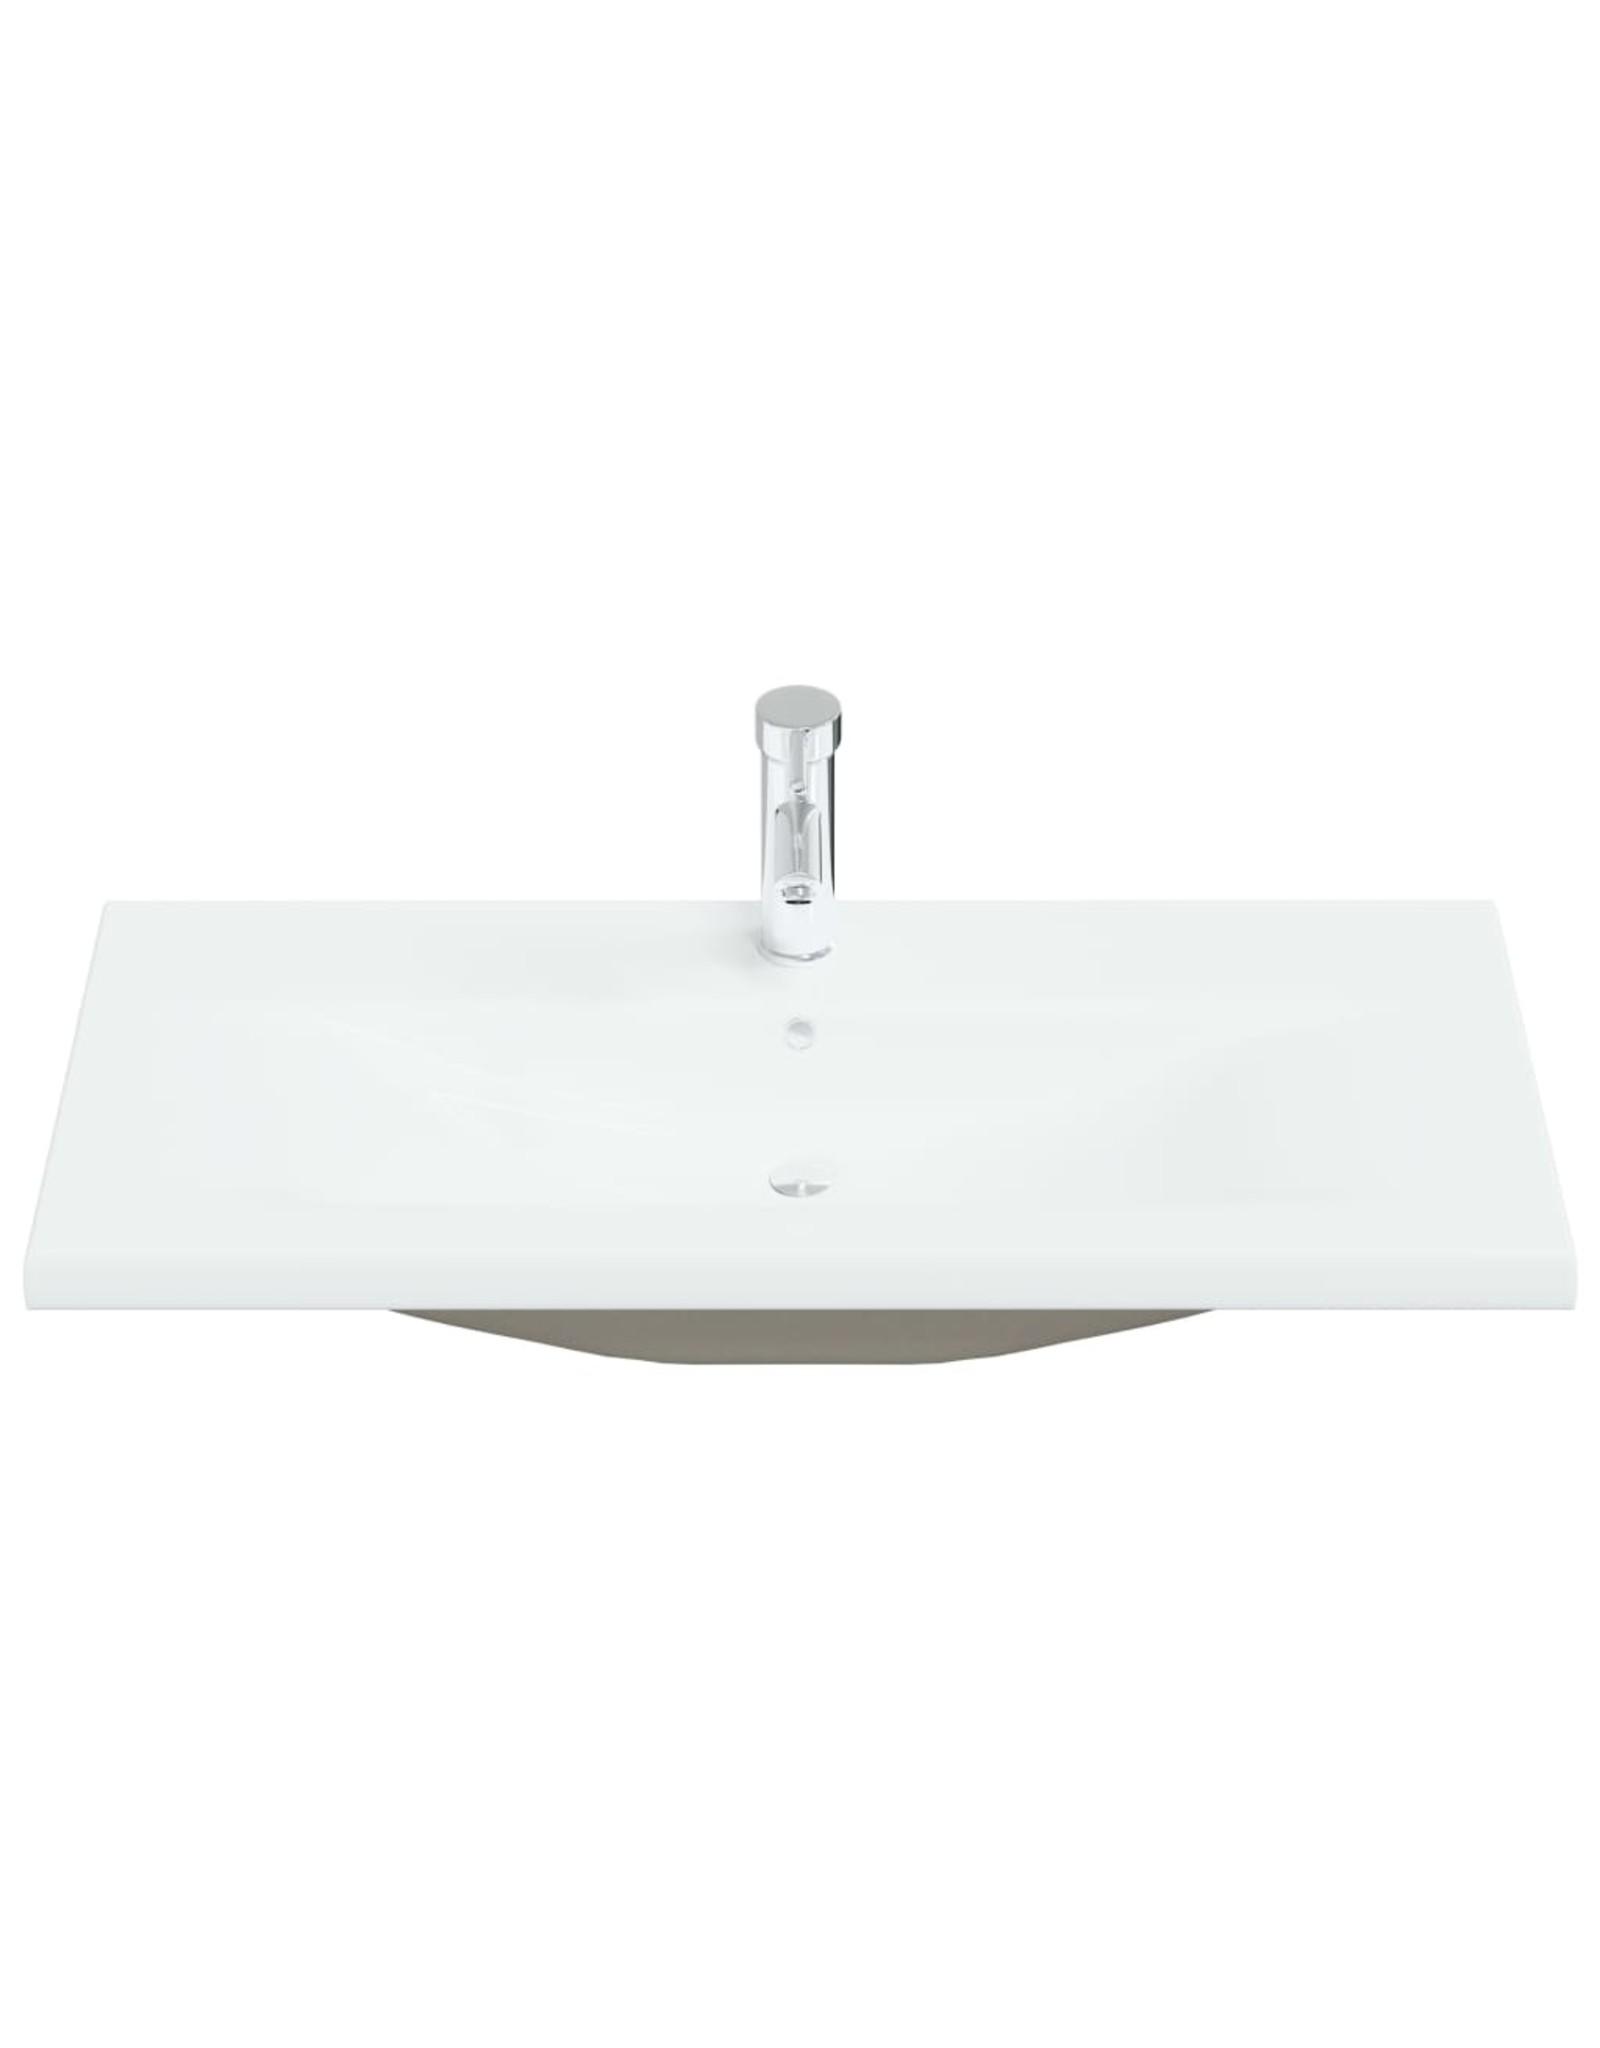 Inbouwwastafel met kraan 91x39x18 cm keramiek wit